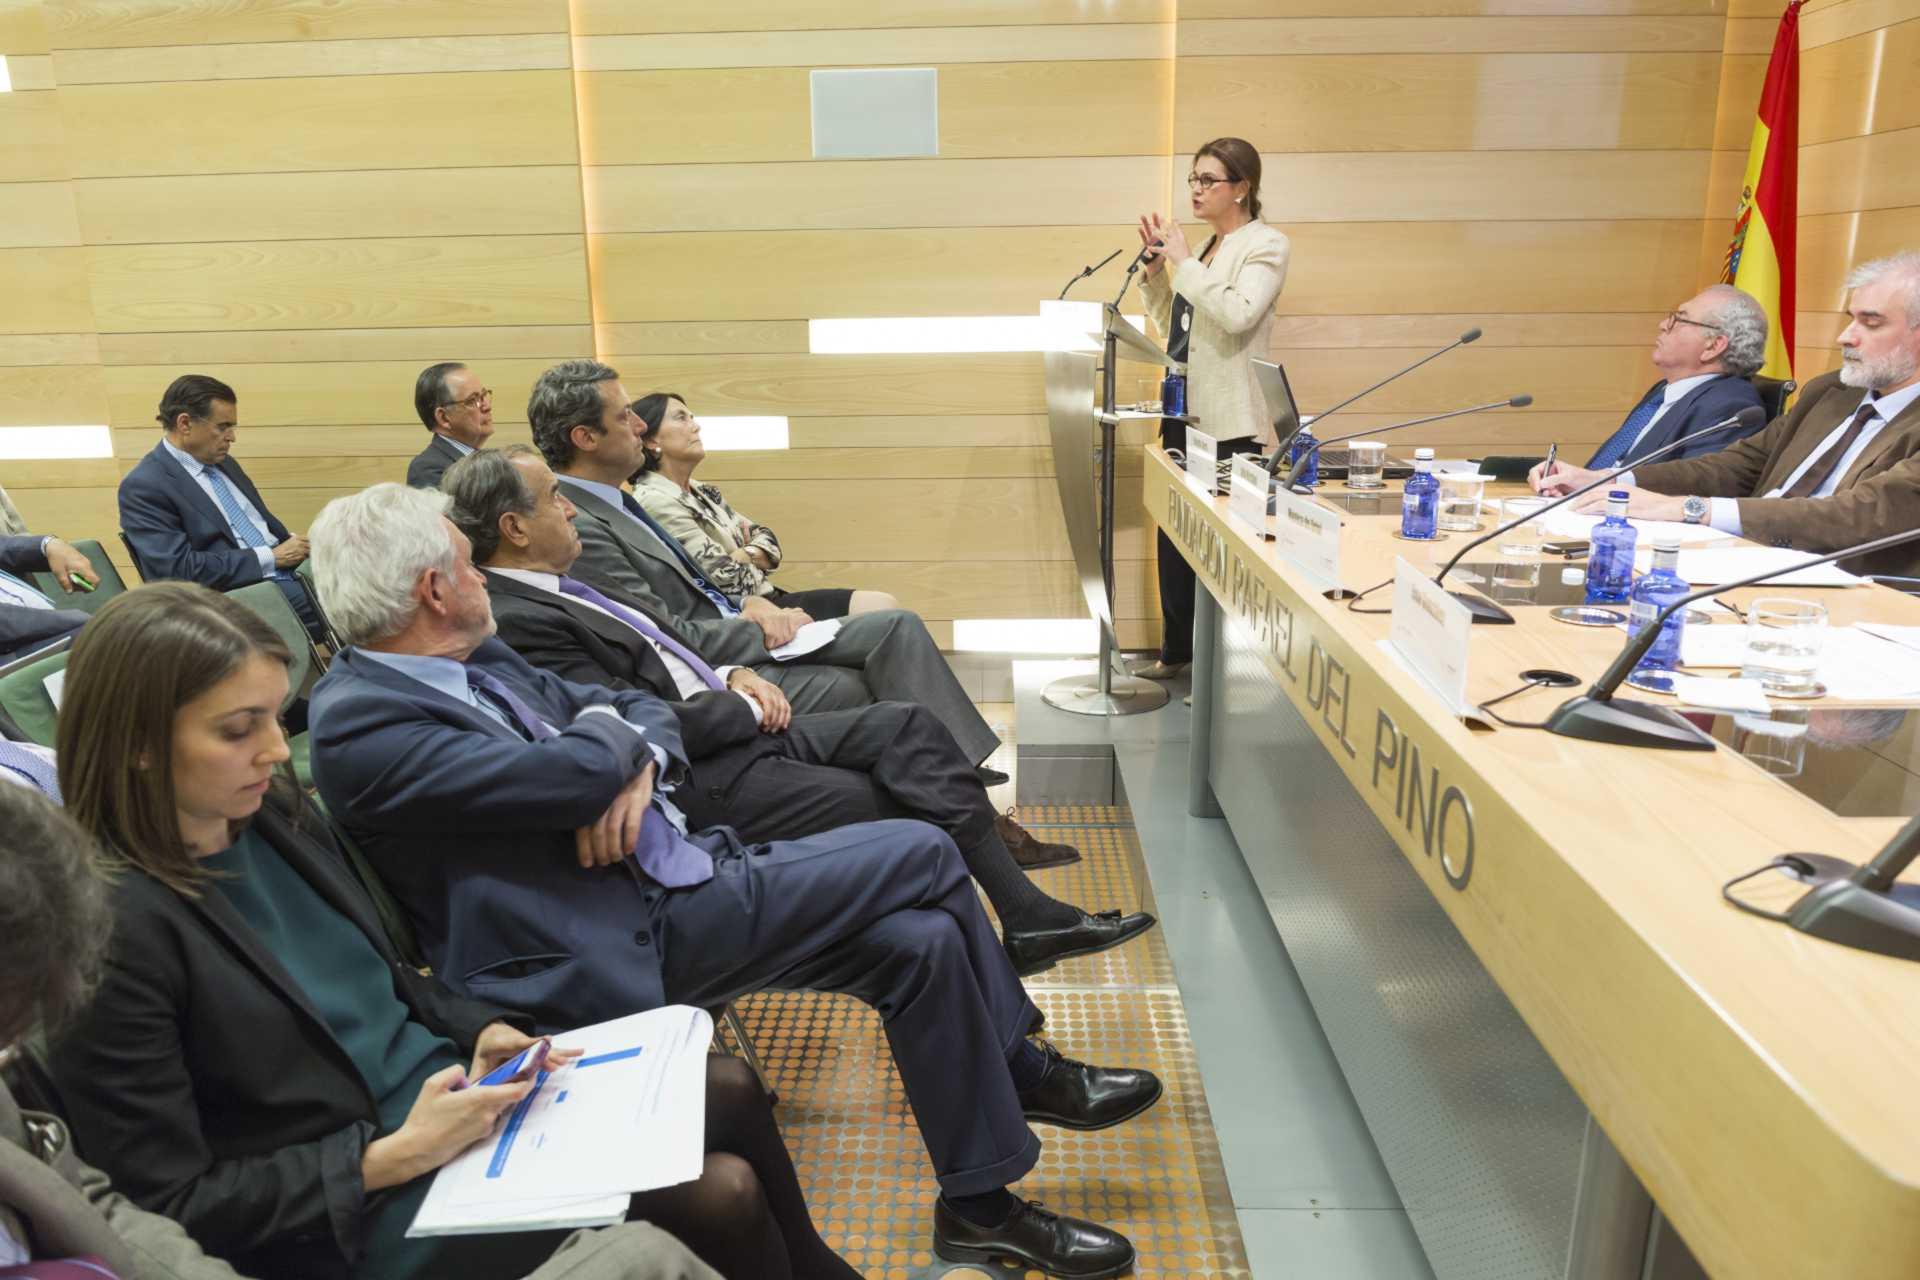 """La Fundación Rafael del Pino, en colaboración con el Círculo de Empresarios organiza  la mesa redonda """"el empresario como motor del crecimiento"""". En Madrid el 29 de abril de 2014."""